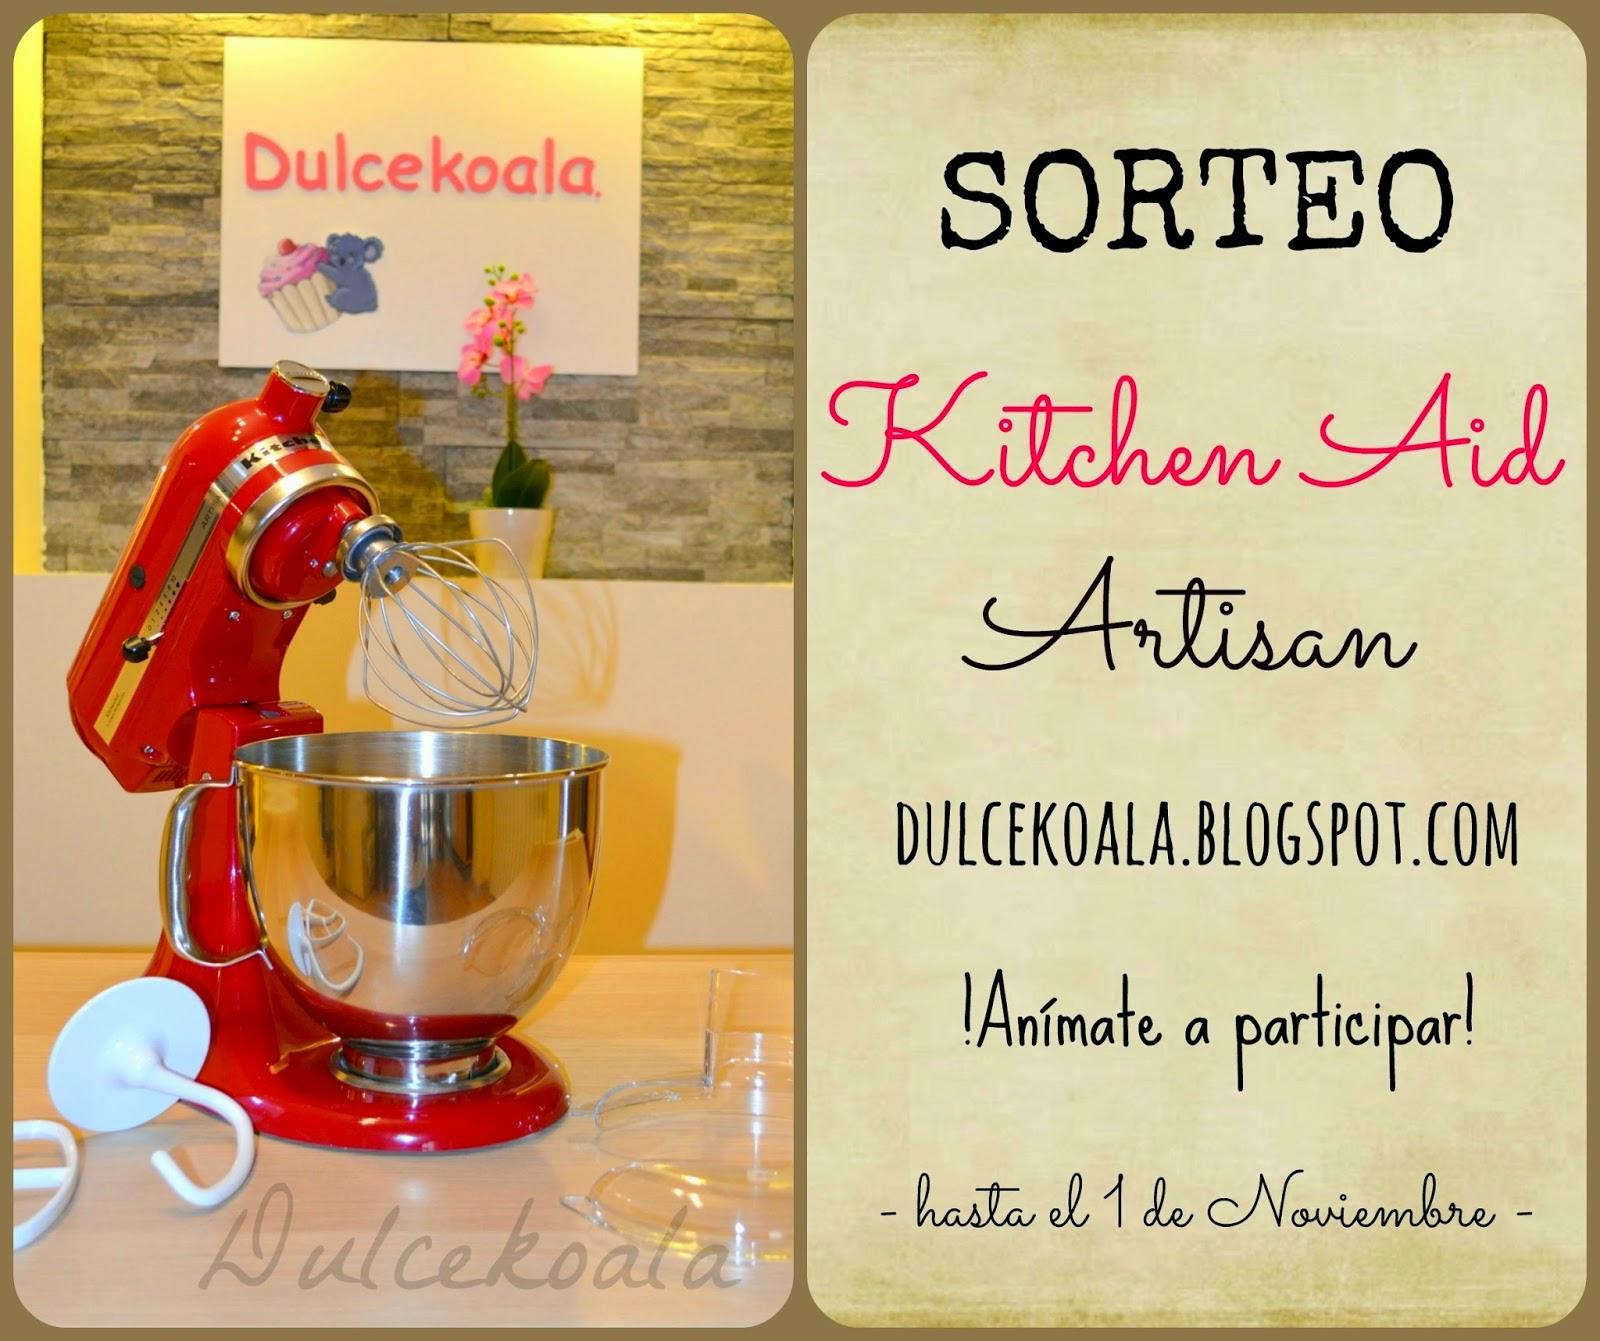 http://dulcekoala.blogspot.com.es/2014/09/mega-sorteo-consigue-una-kitchen-aid.html